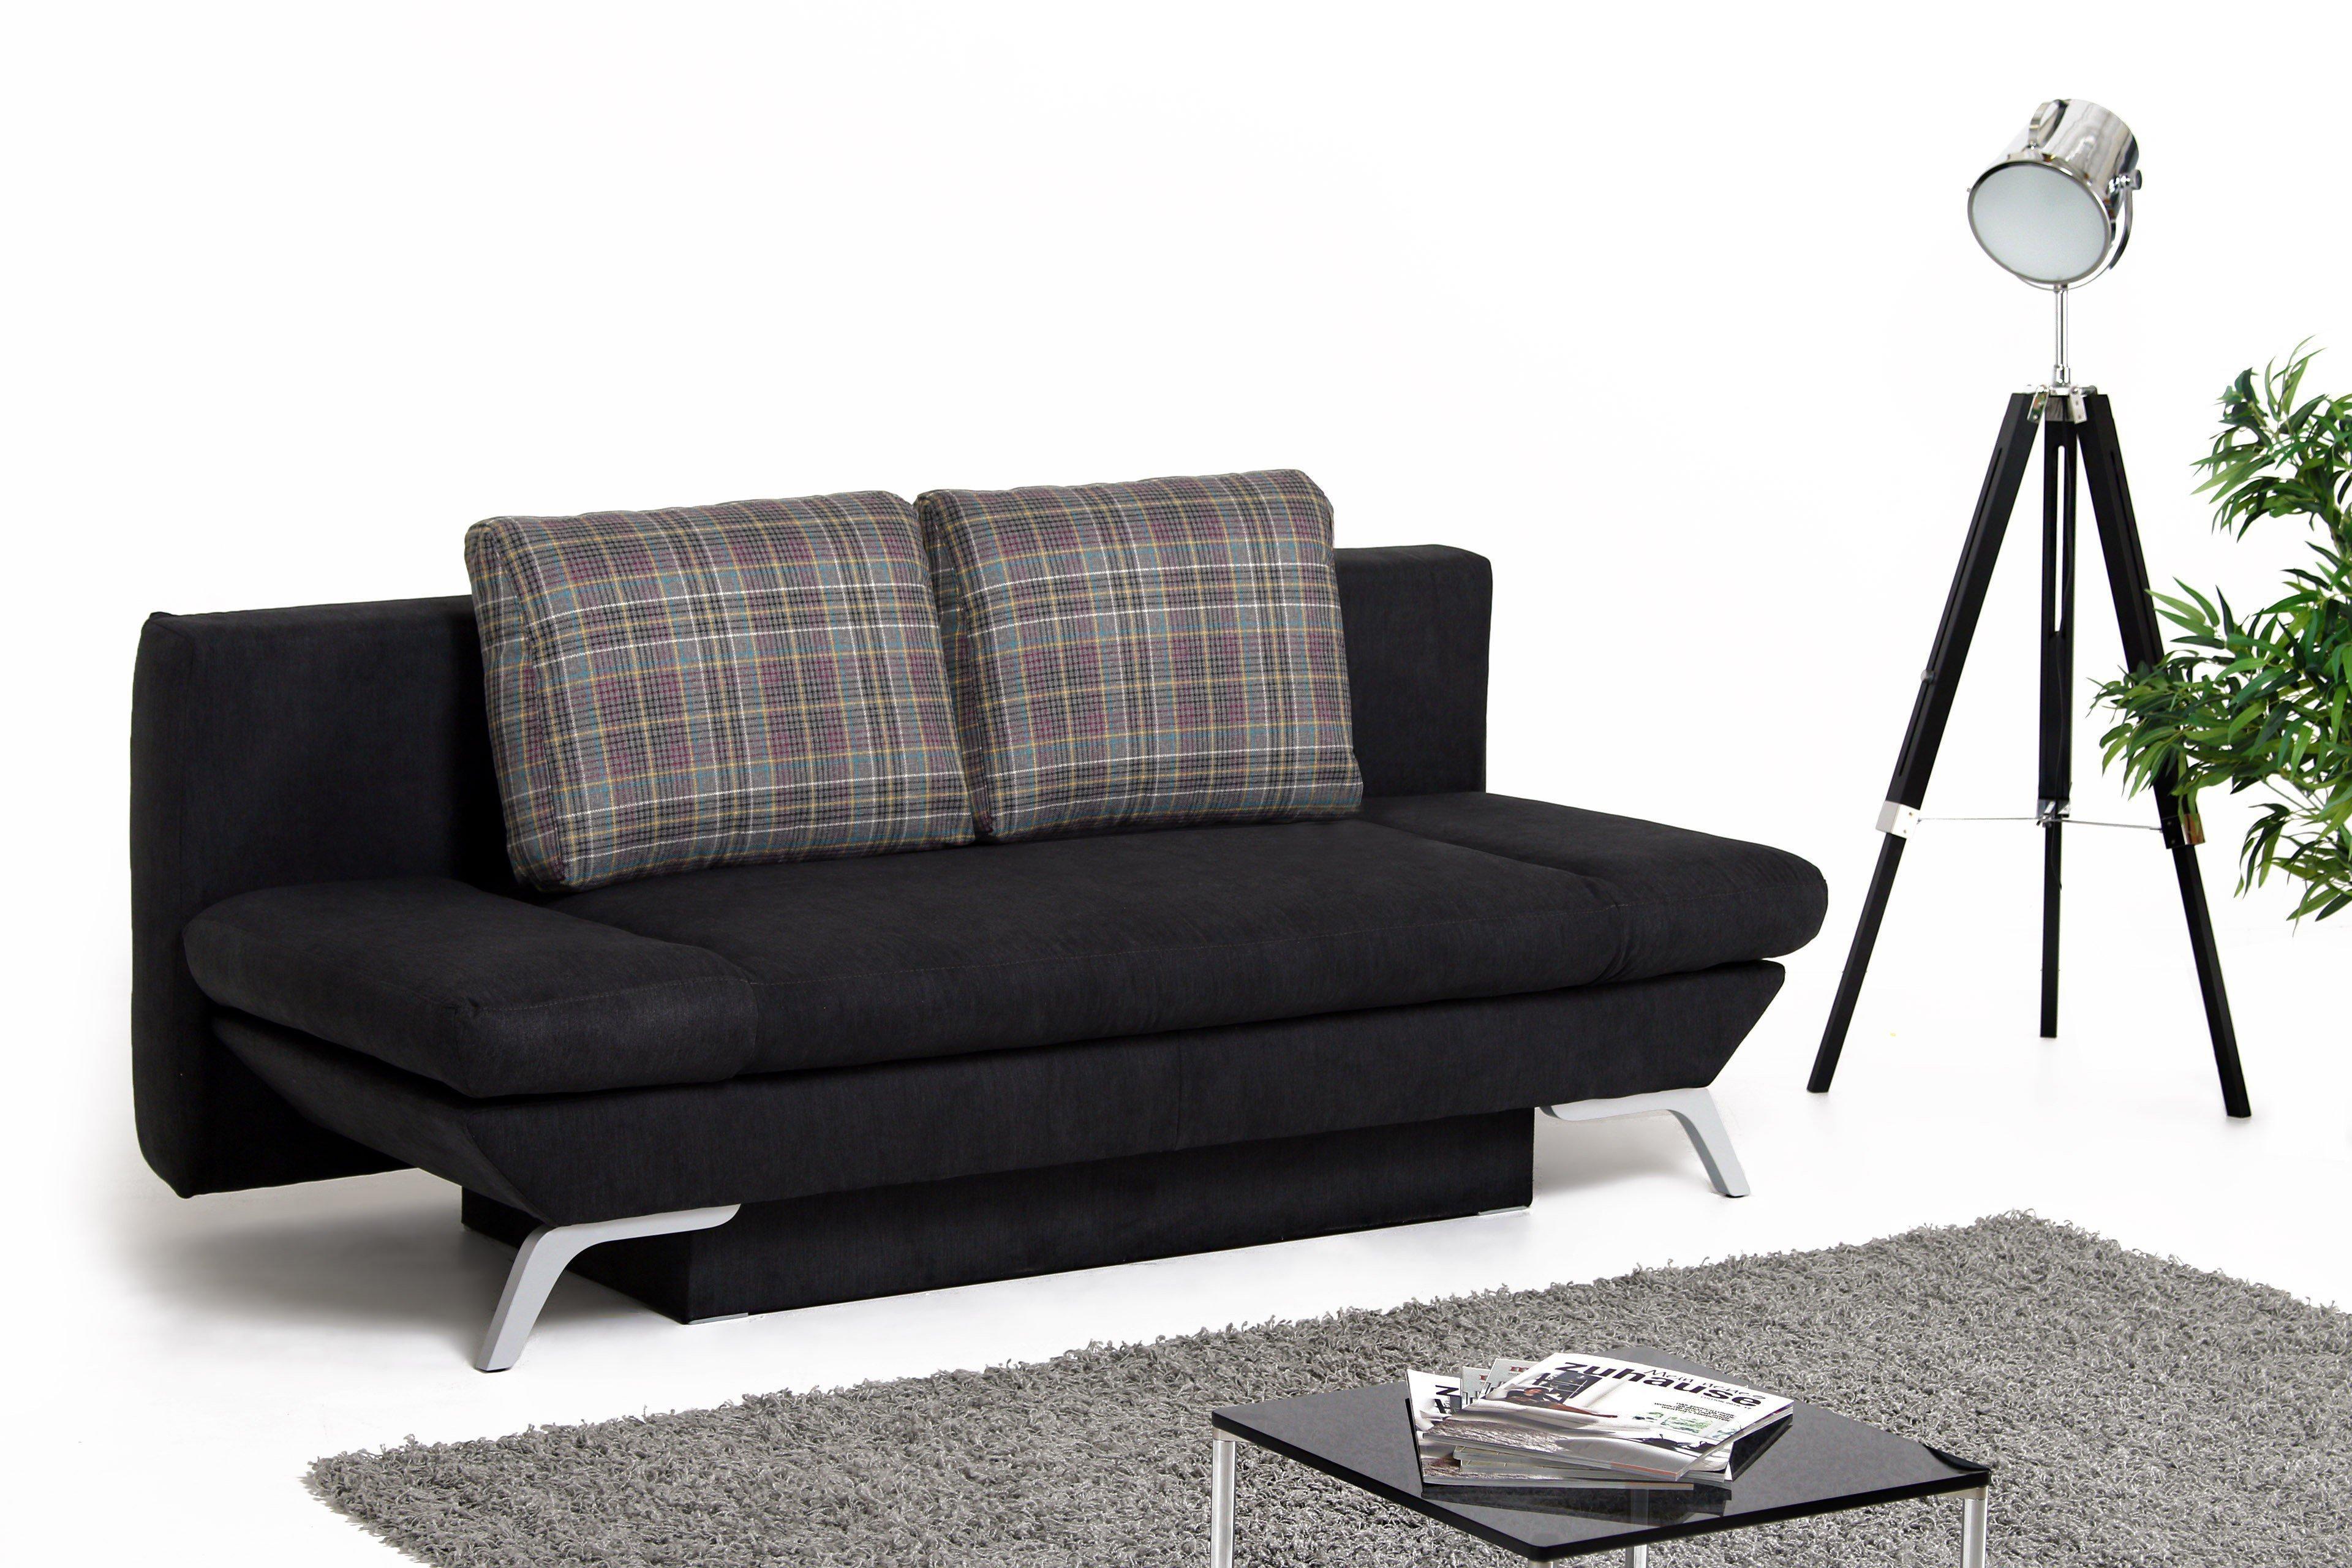 Polstermöbel Italien Hersteller restyl schlafsofas möbel letz ihr shop